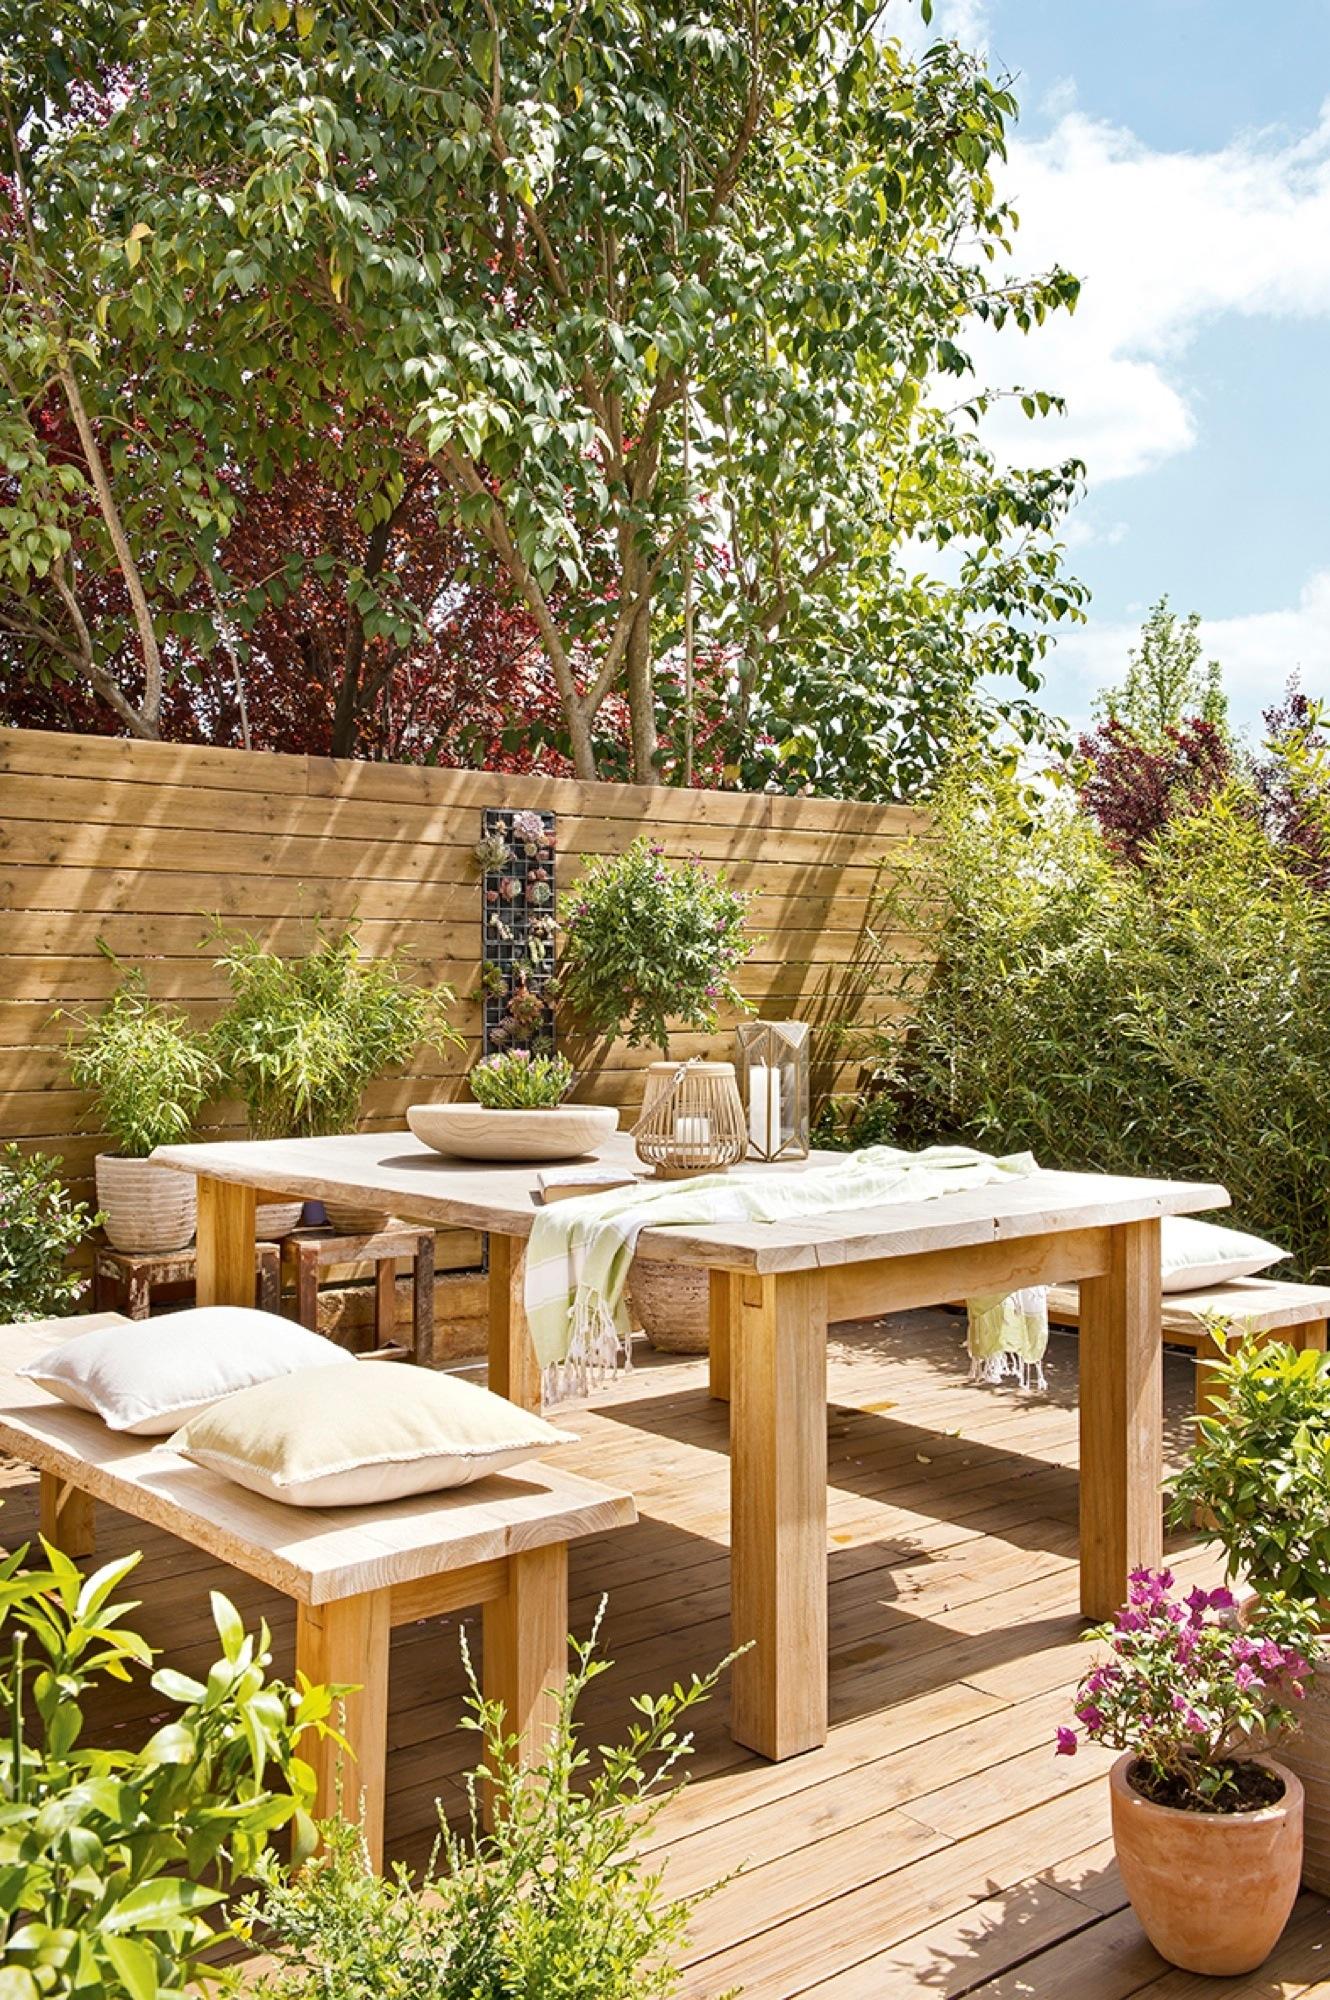 Muebles terraza madera sofs hechos con palets para jardn for Muebles para terraza en madera